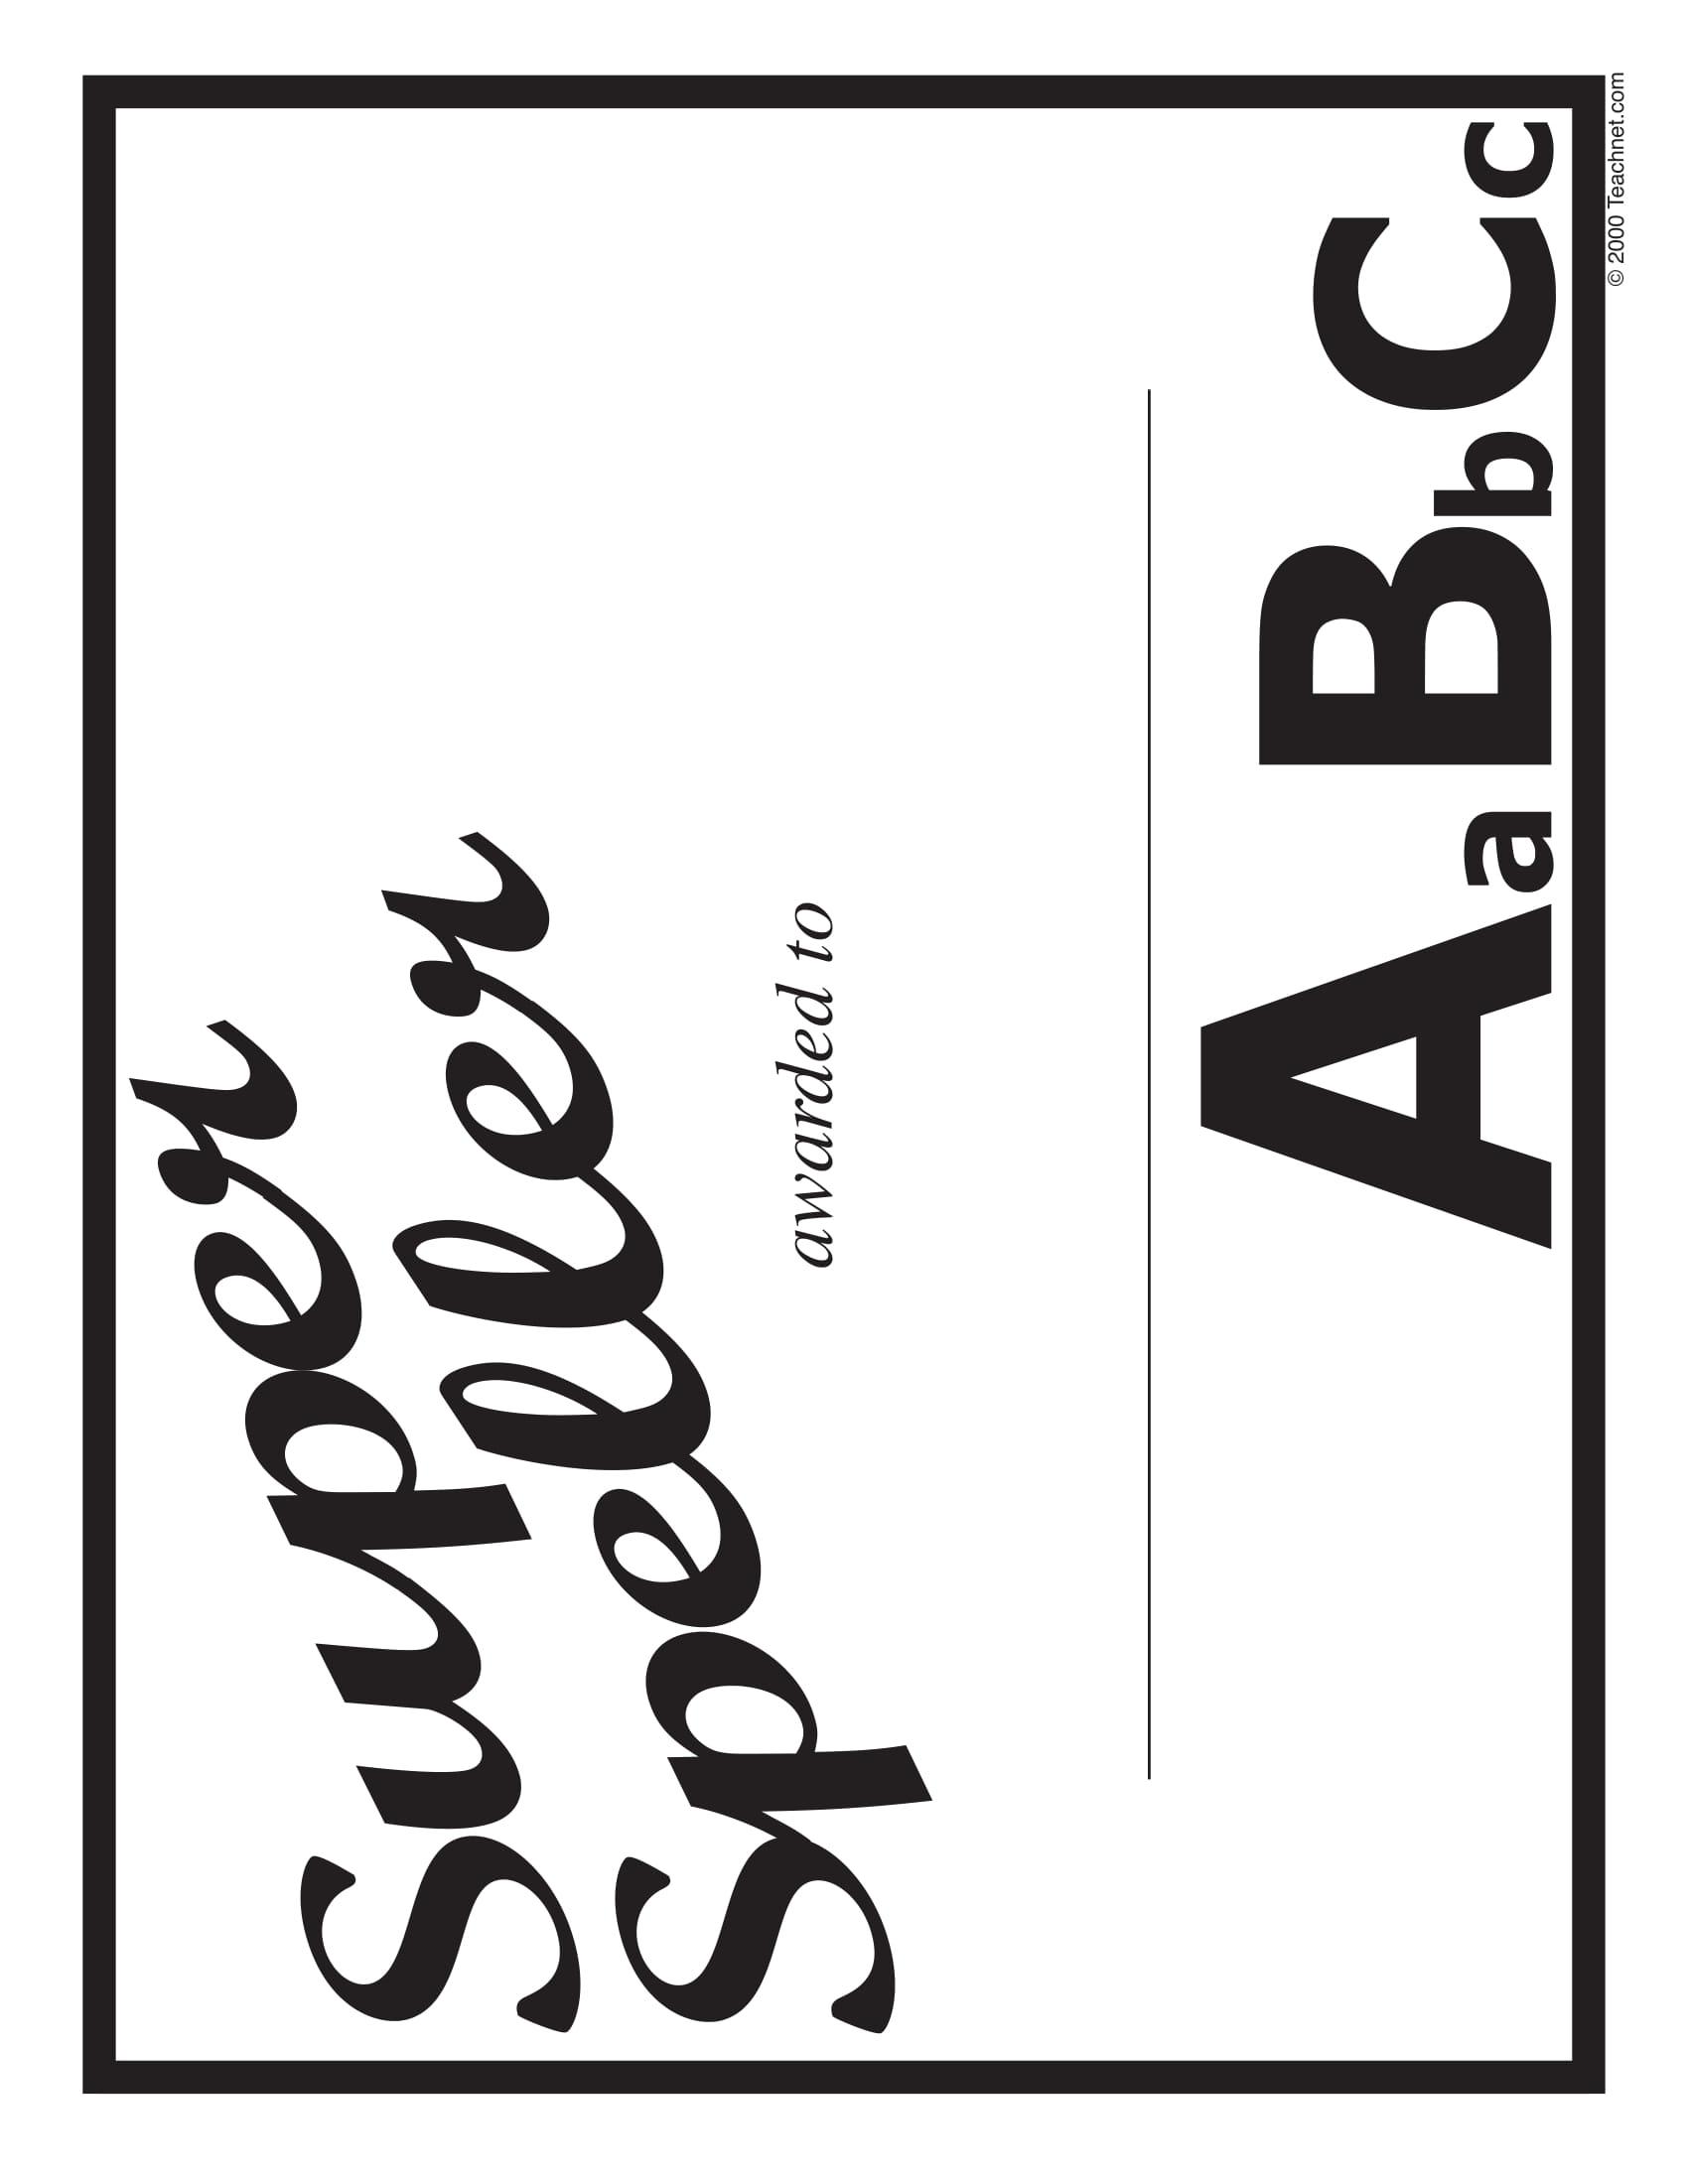 super speller blank award certificate example